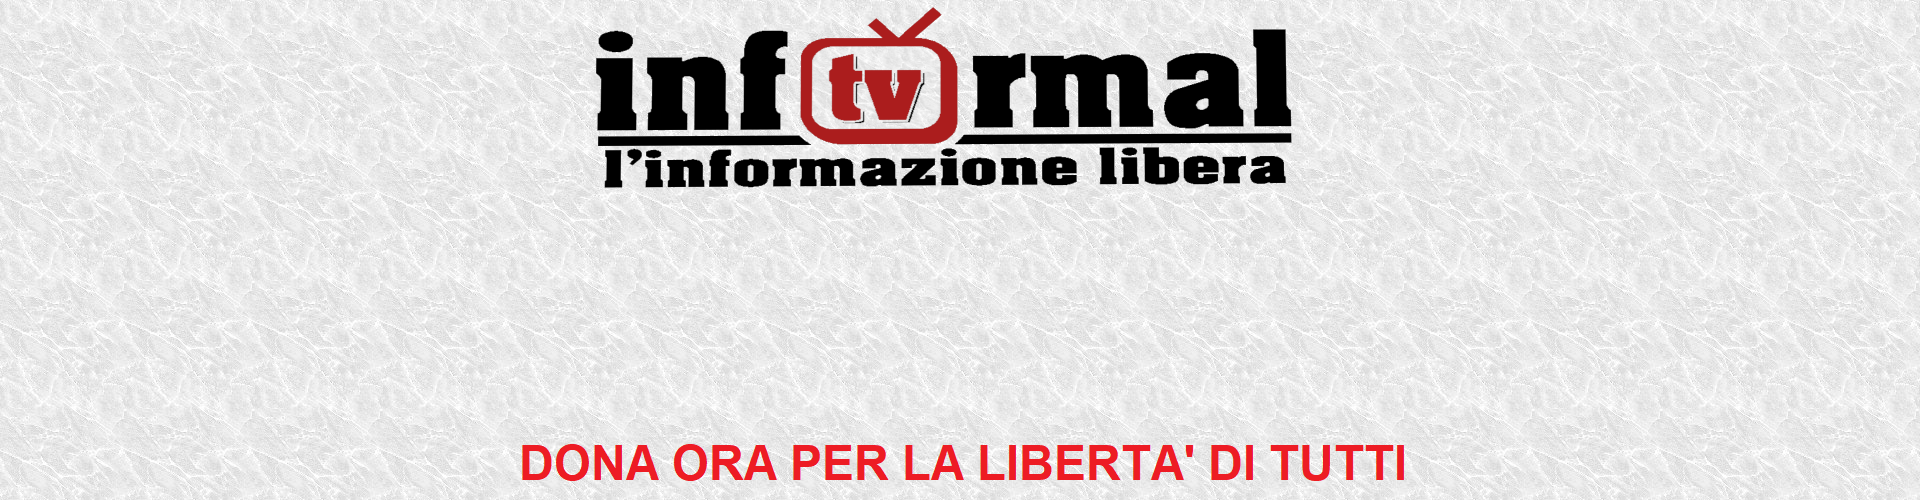 INFORMAL TV - L'INFORMAZIONE LIBERA